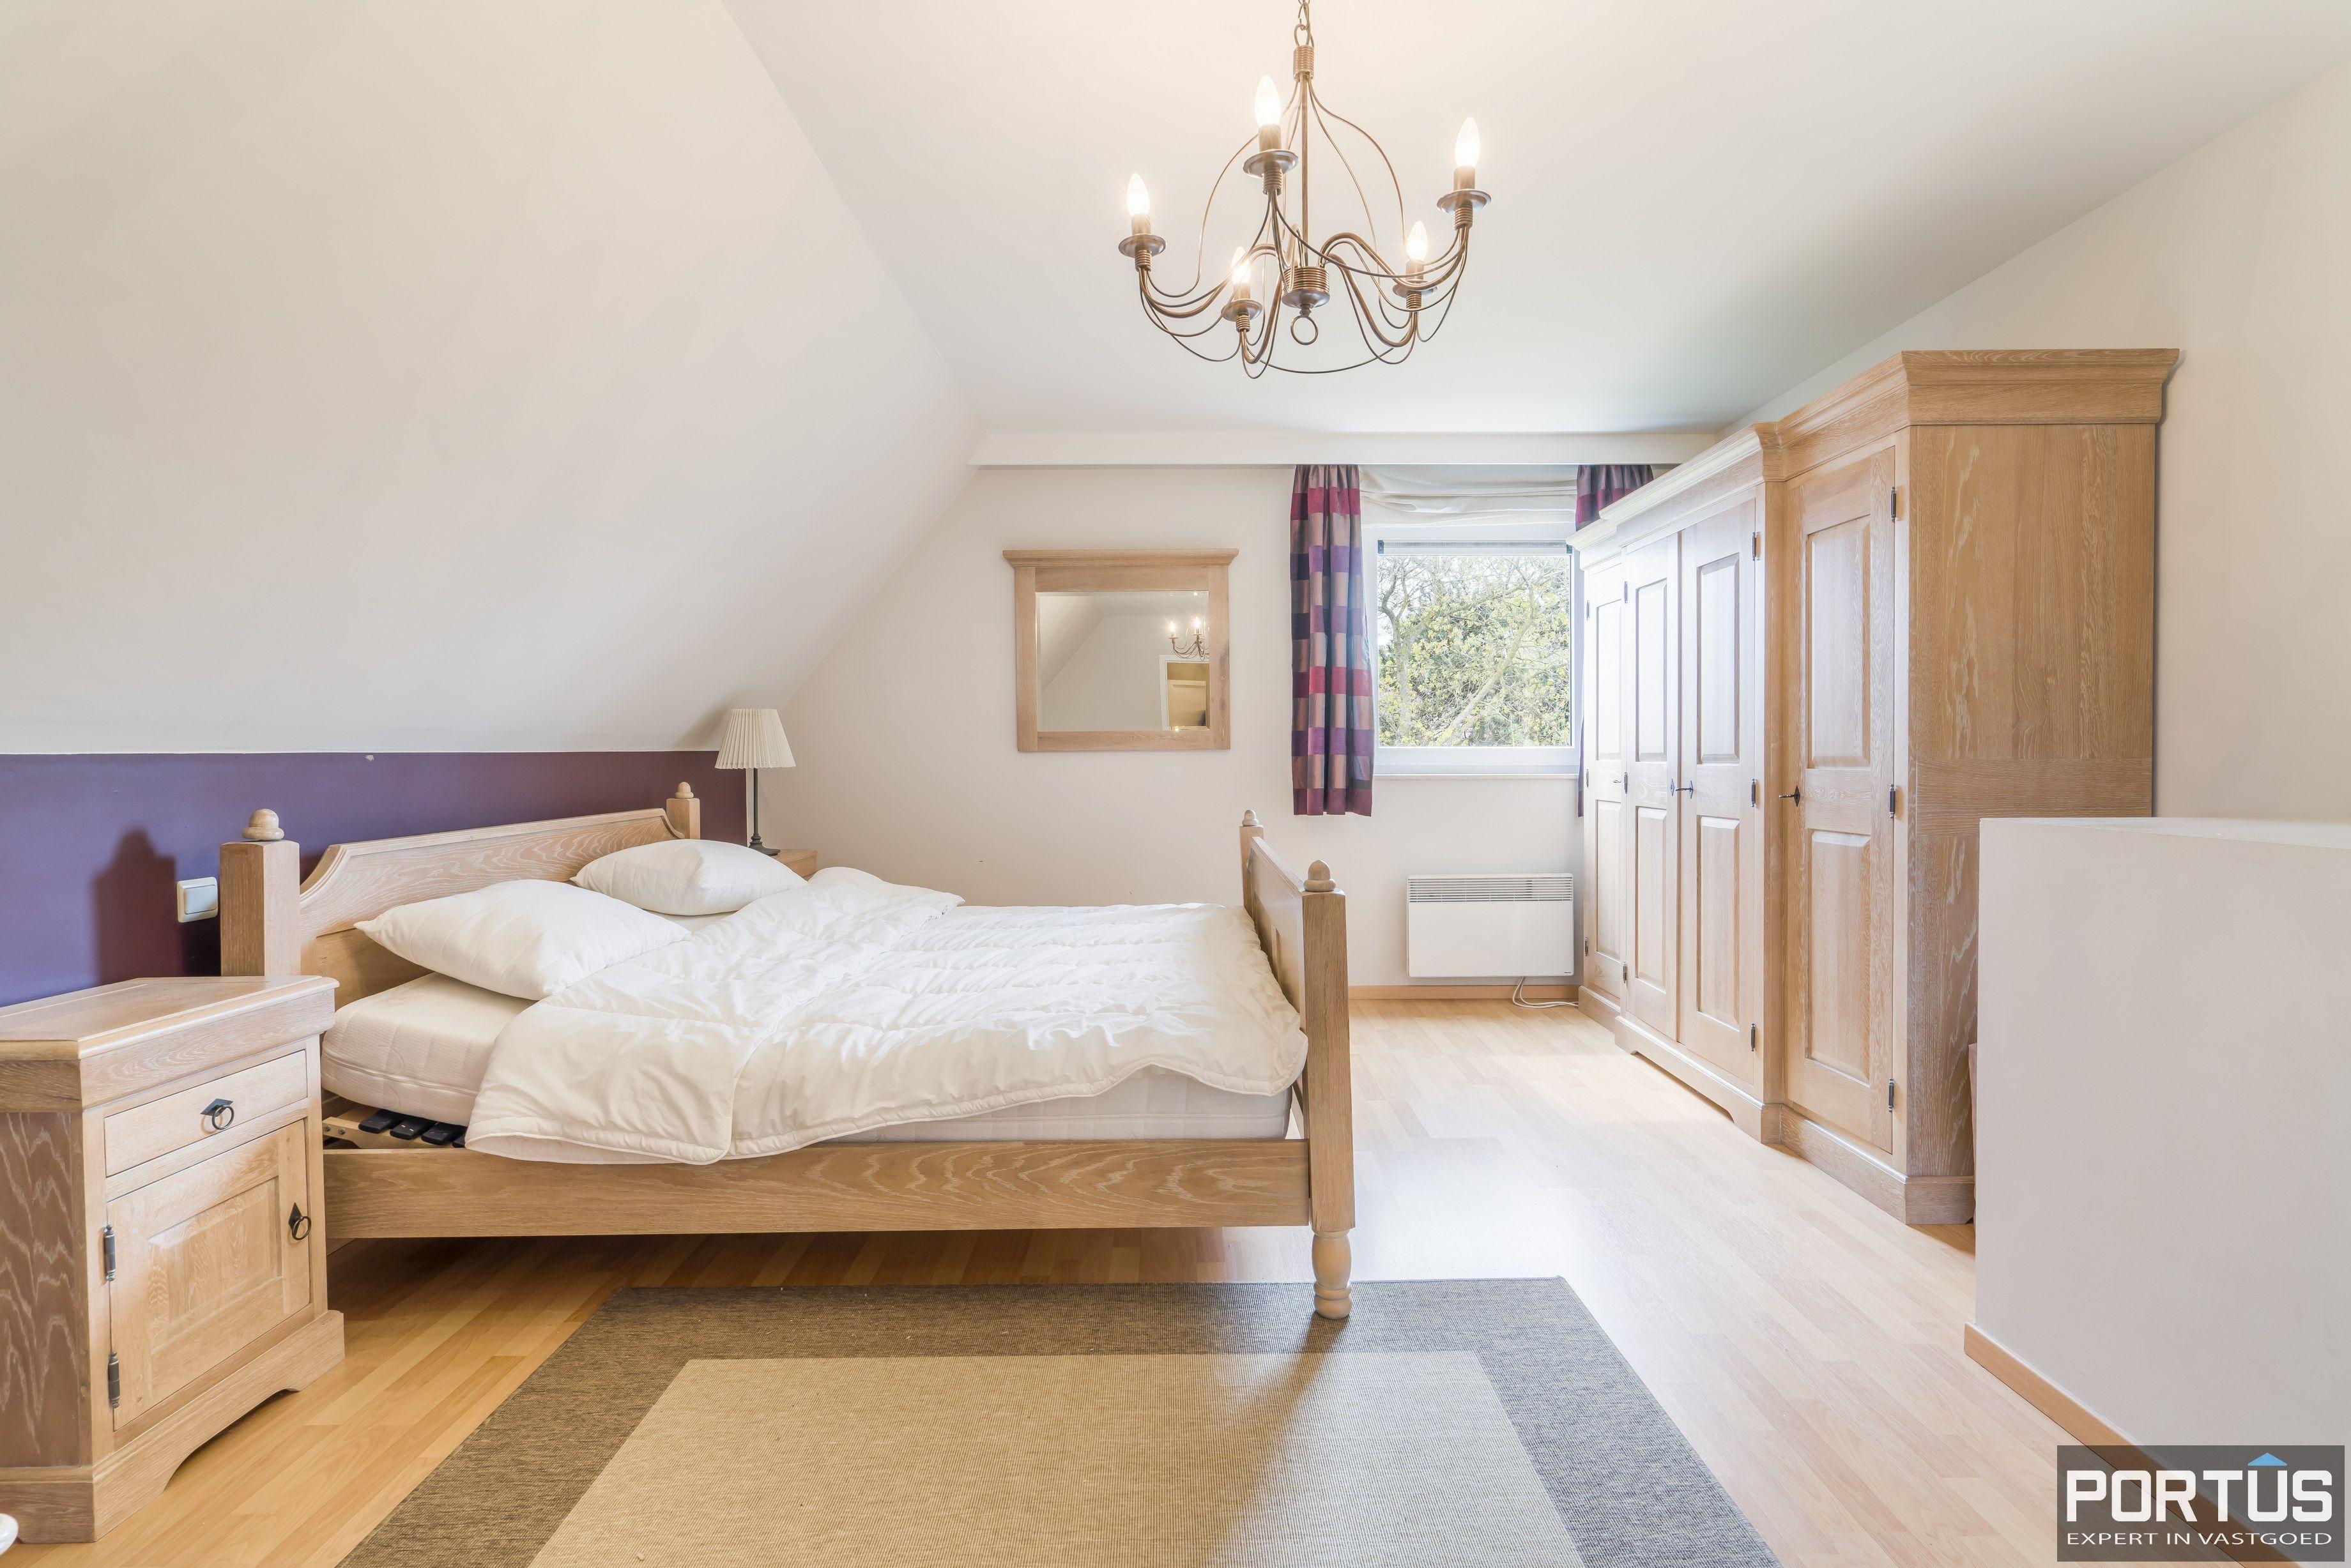 Appartement te koop te Nieuwpoort met 4 slaapkamers - 12983